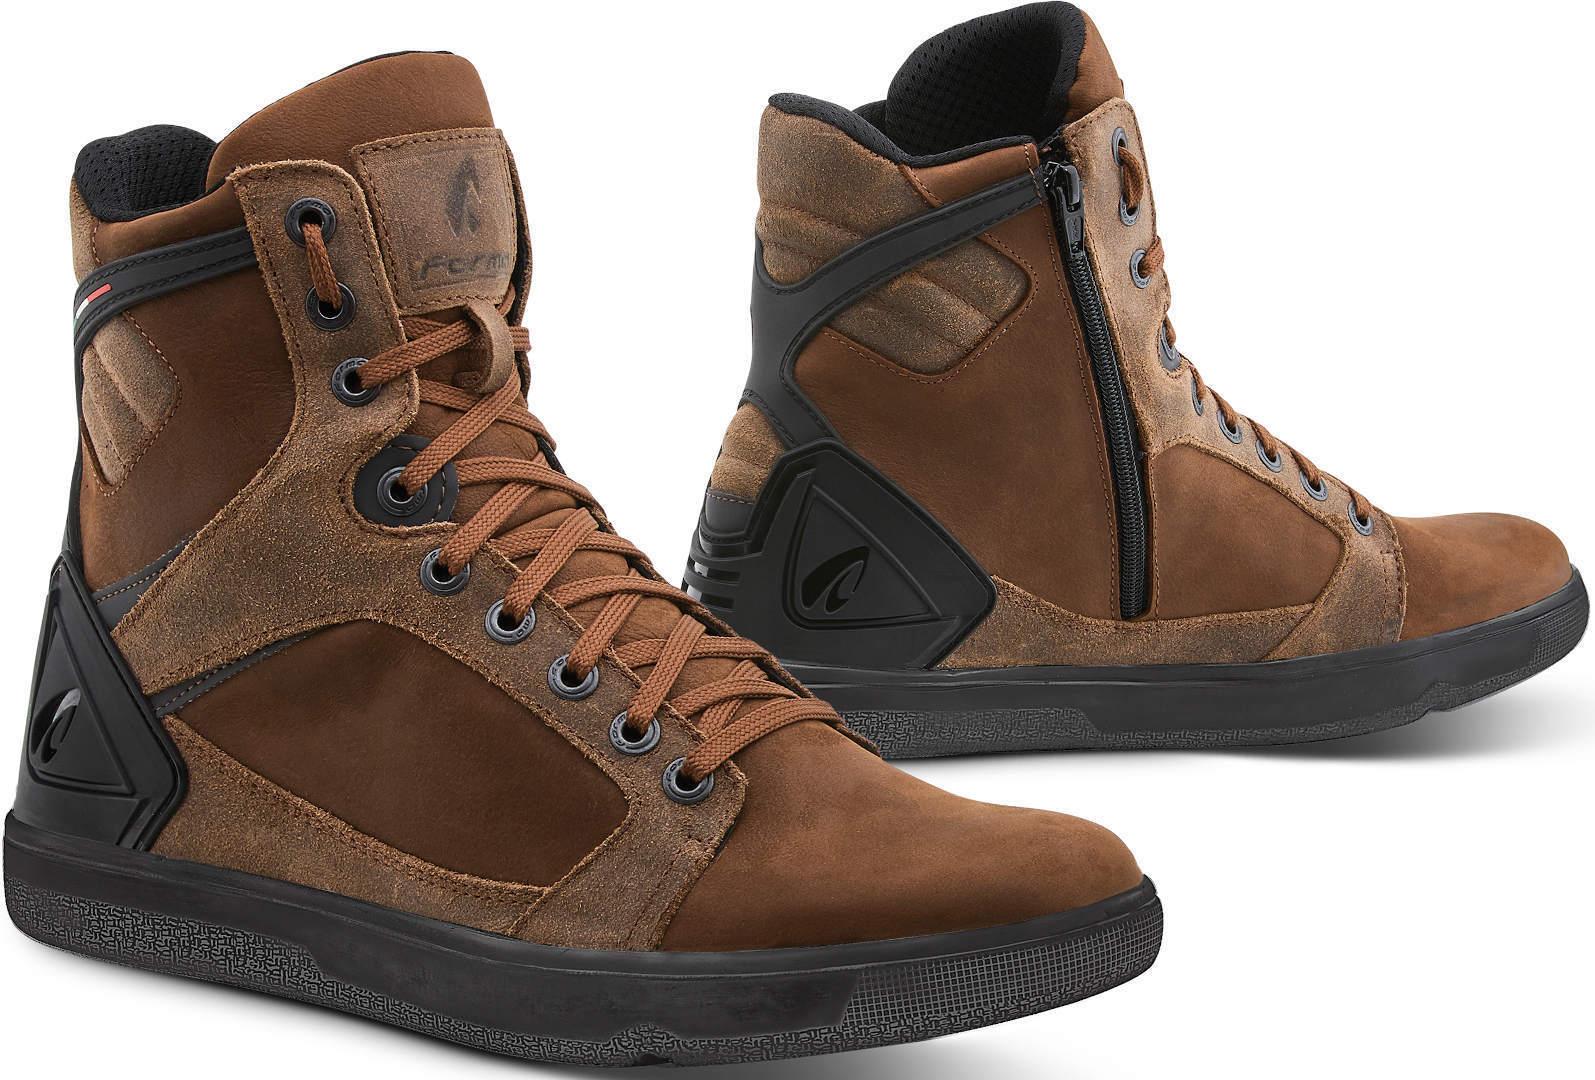 Forma Hyper Chaussures de moto imperméables Brun taille : 36